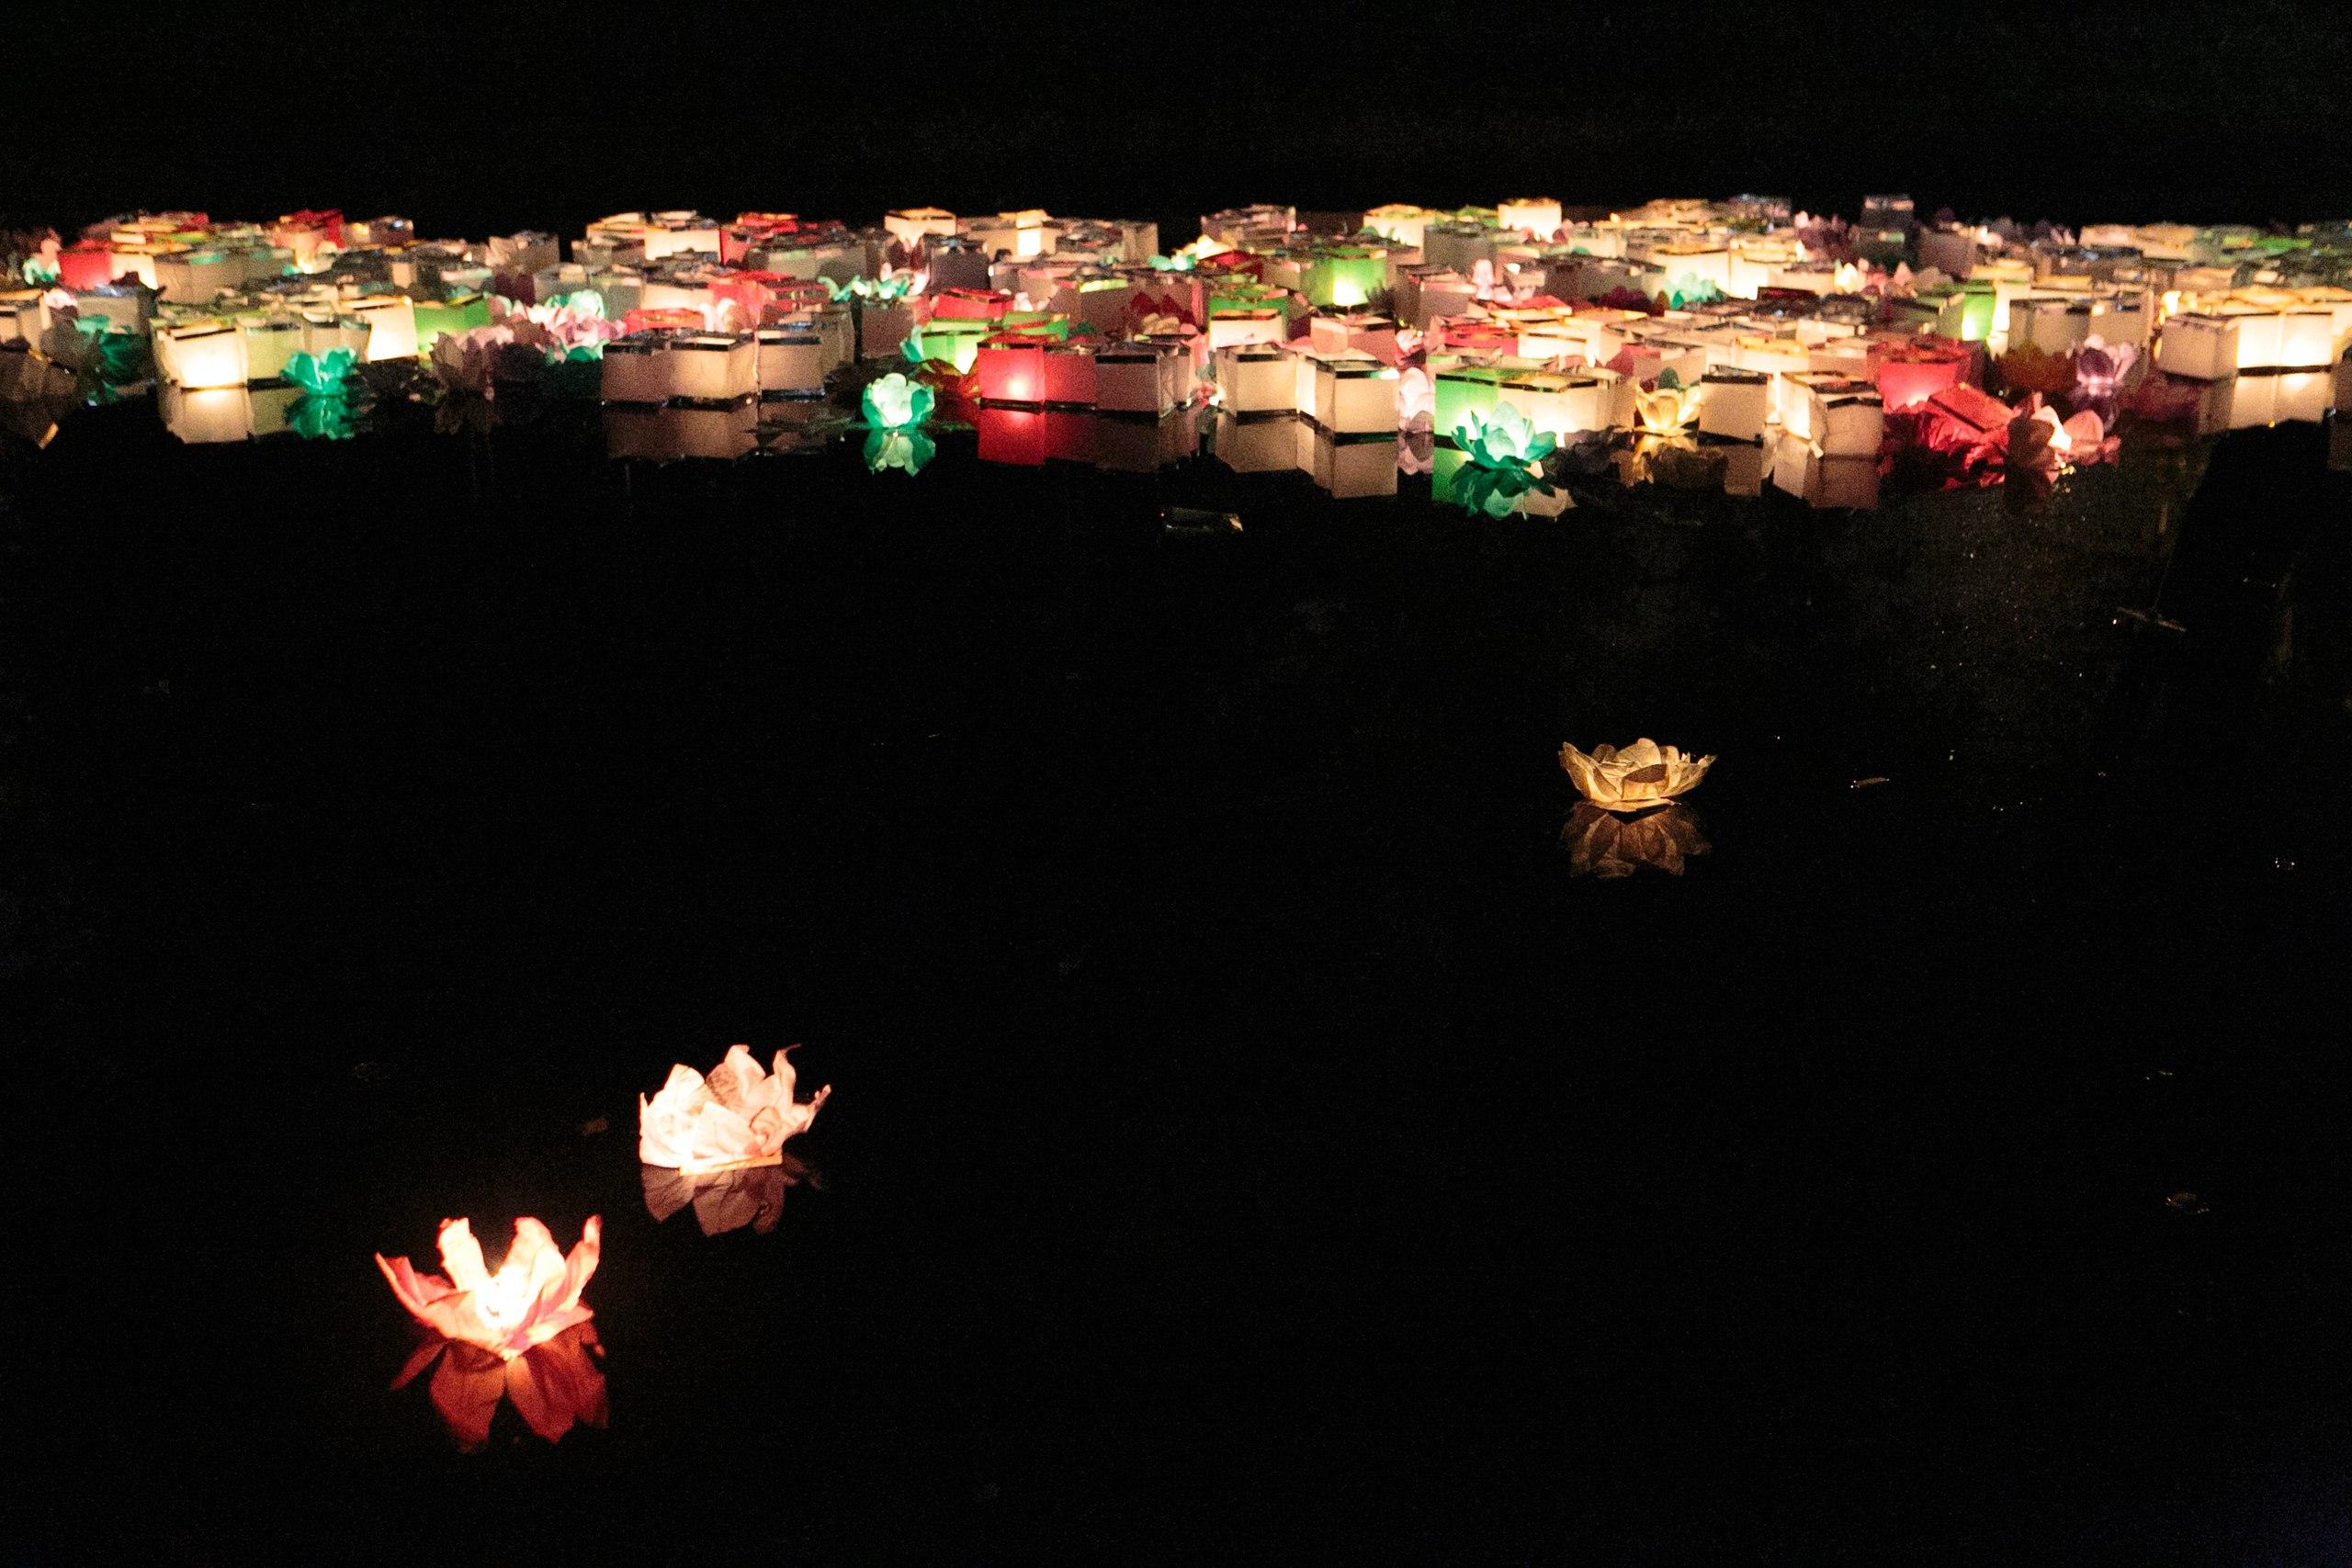 фестиваль водных фонариков, водный фонарик